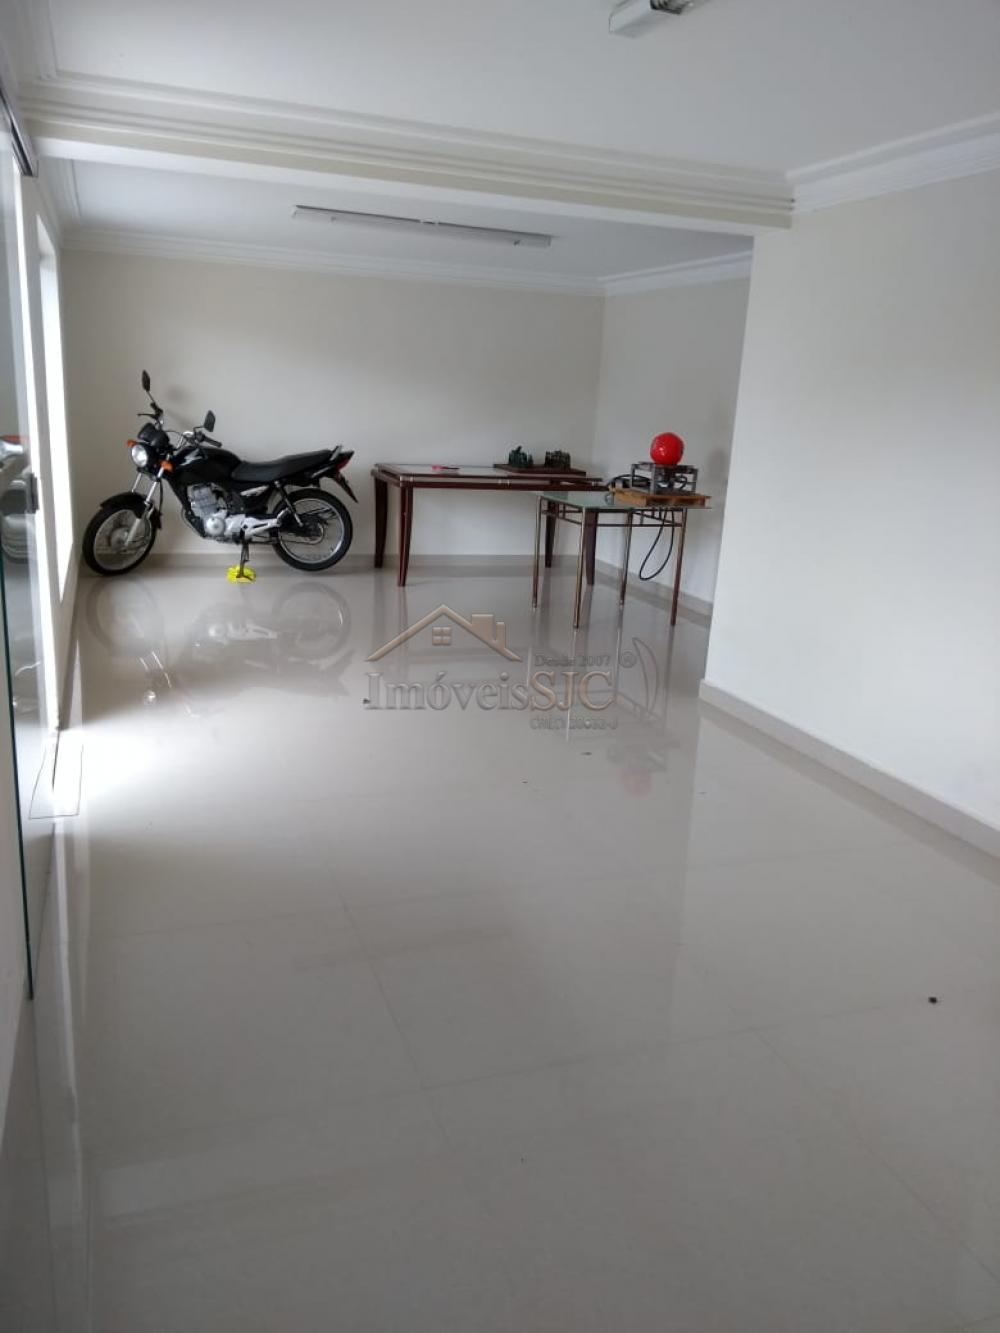 Alugar Casas / Padrão em São José dos Campos apenas R$ 4.400,00 - Foto 25